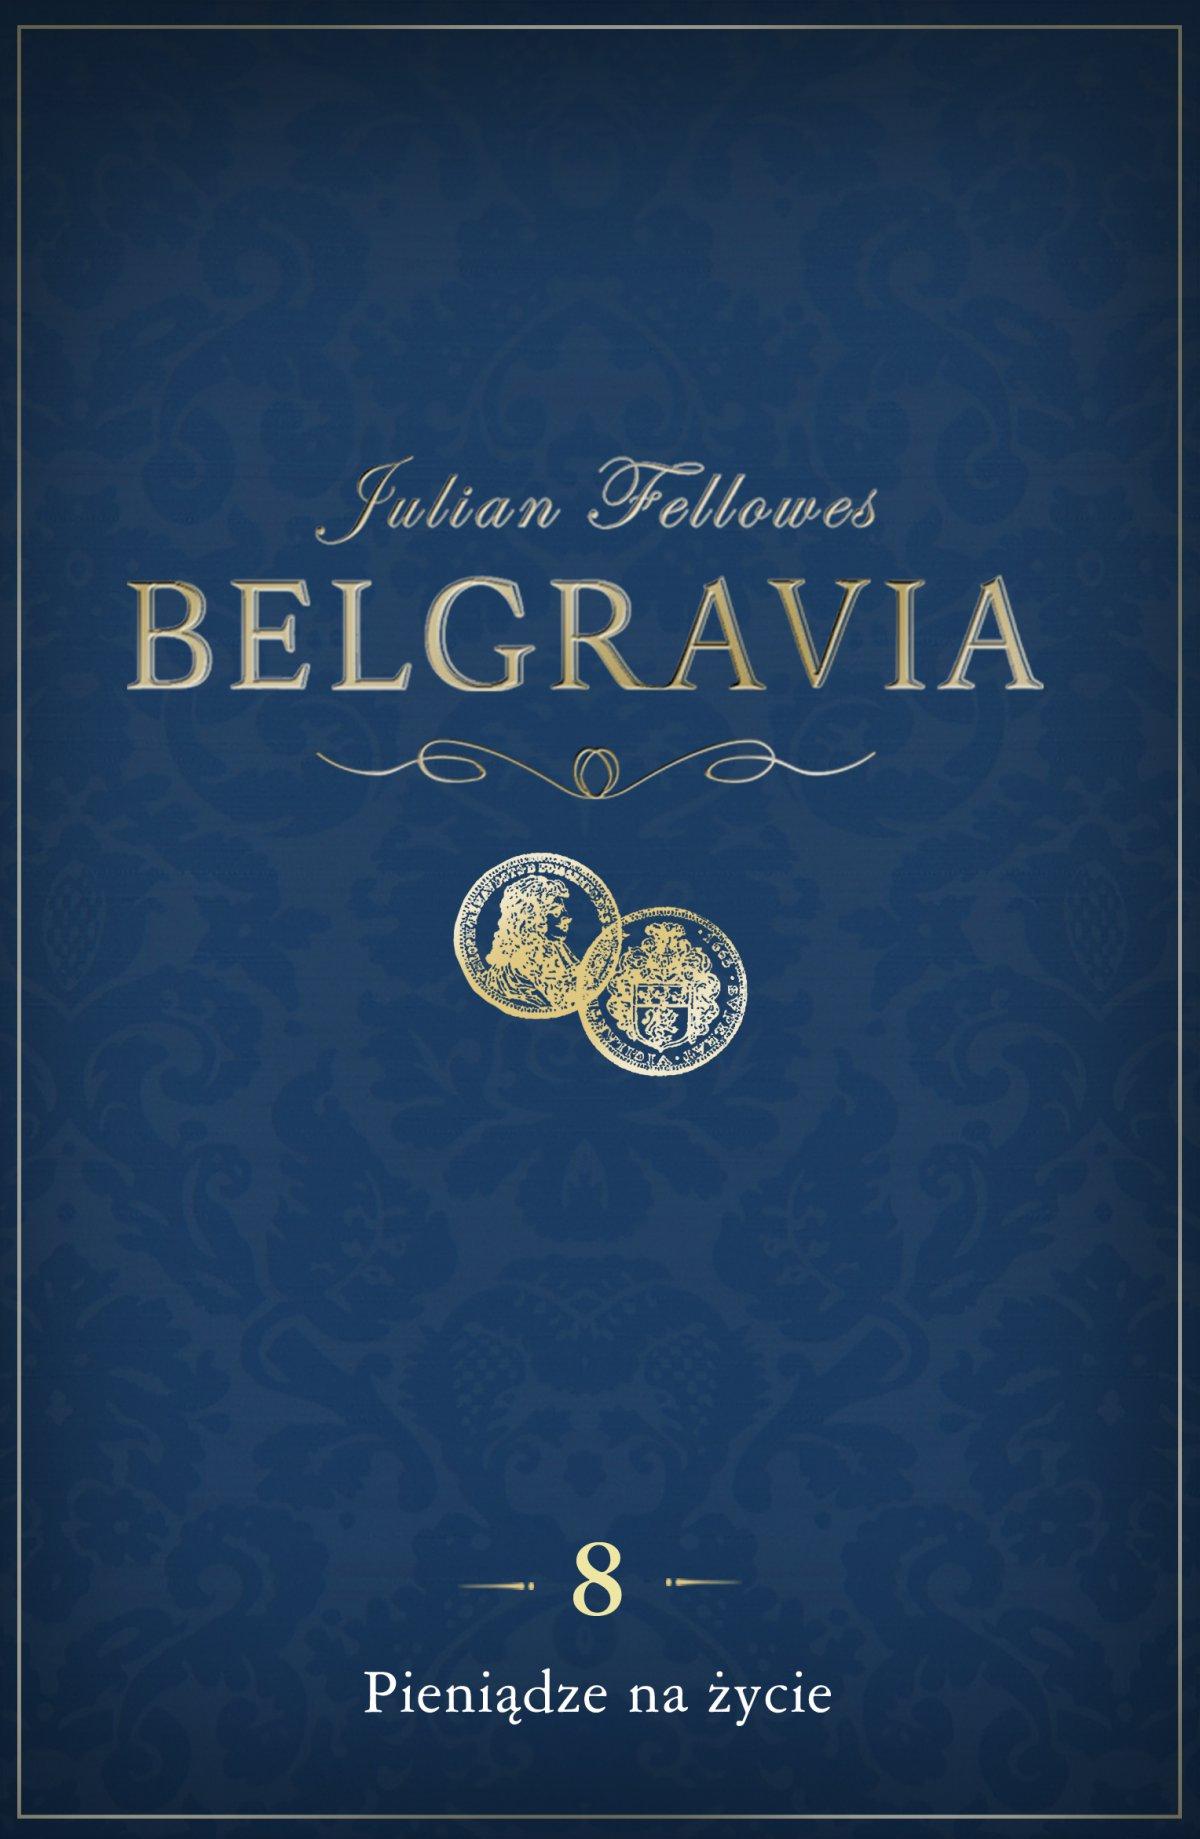 Belgravia Pieniądze na życie. Odcinek 8 - Ebook (Książka na Kindle) do pobrania w formacie MOBI